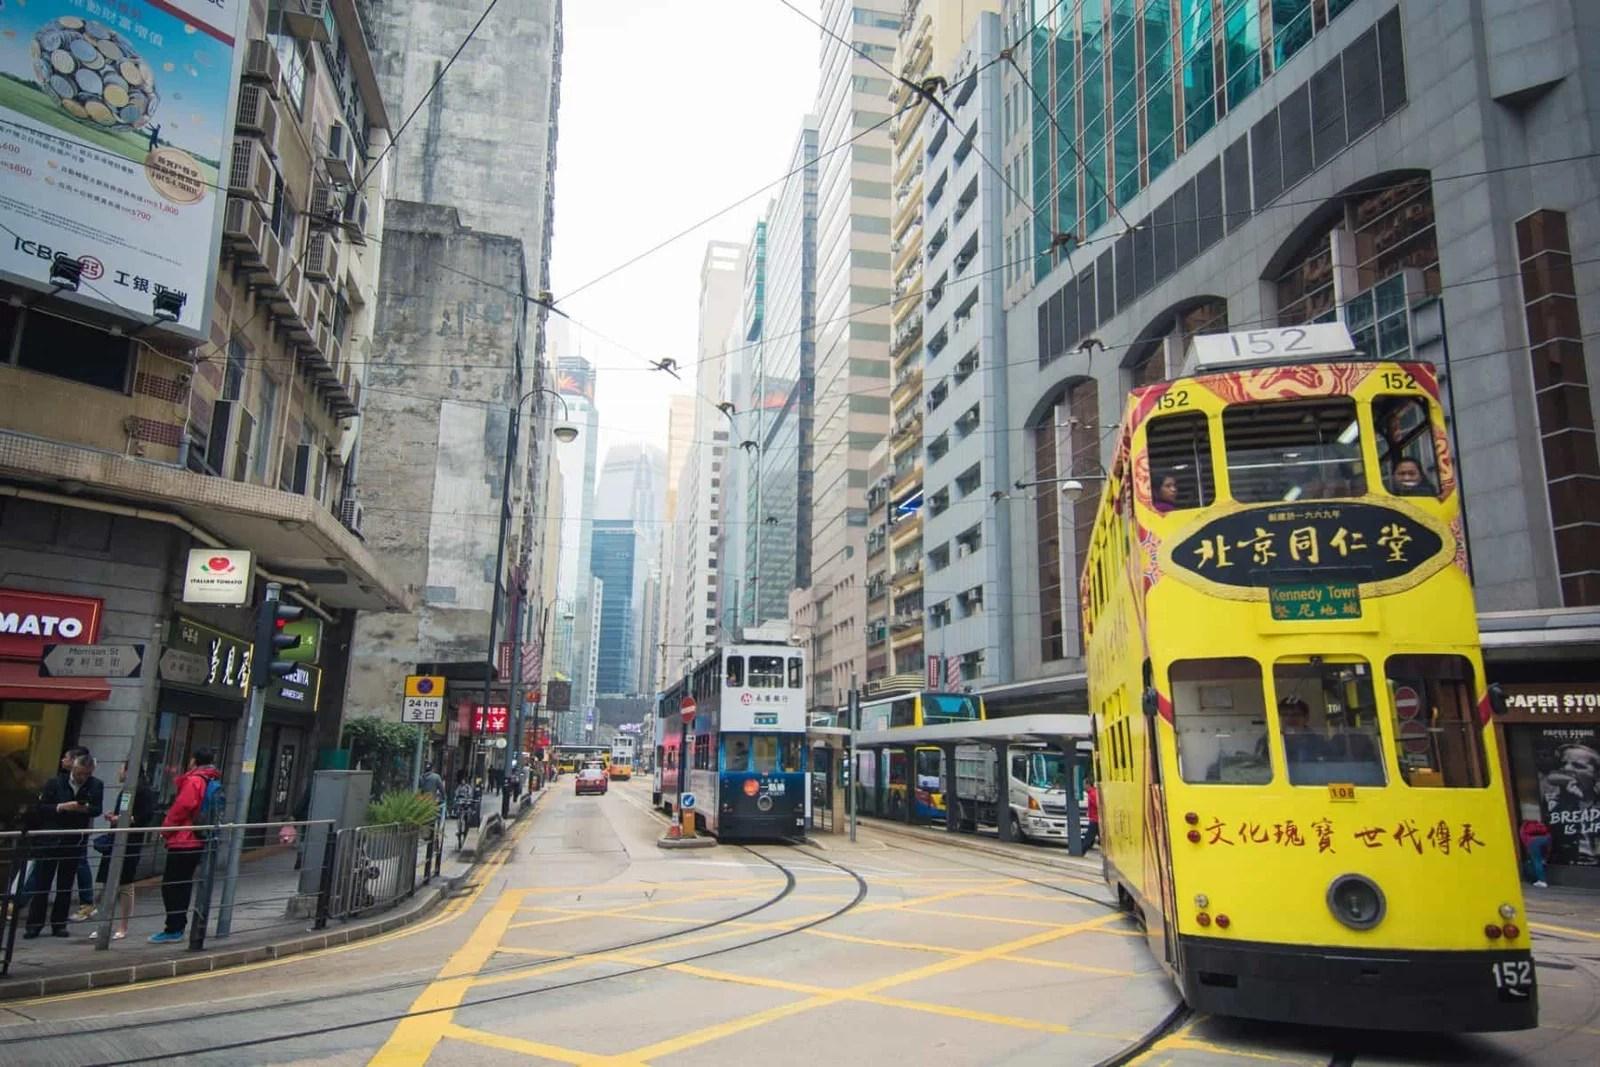 tramway sheung wan - hong kong